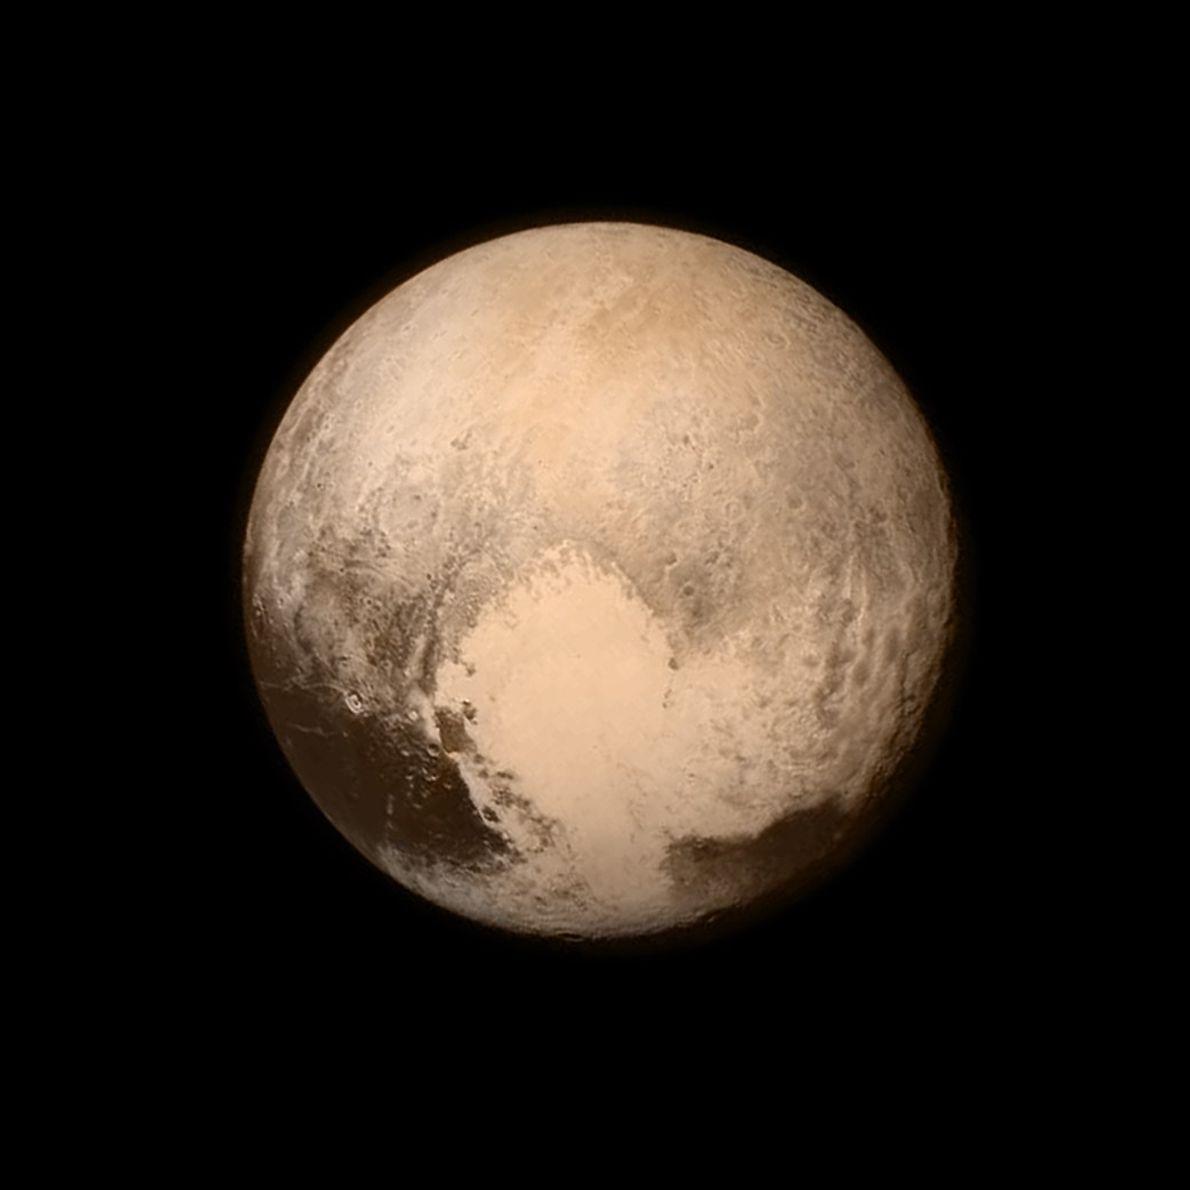 Plutão quase que preenche esta imagem a preto e branco captada pela Long Range Reconnaissance Imager ...